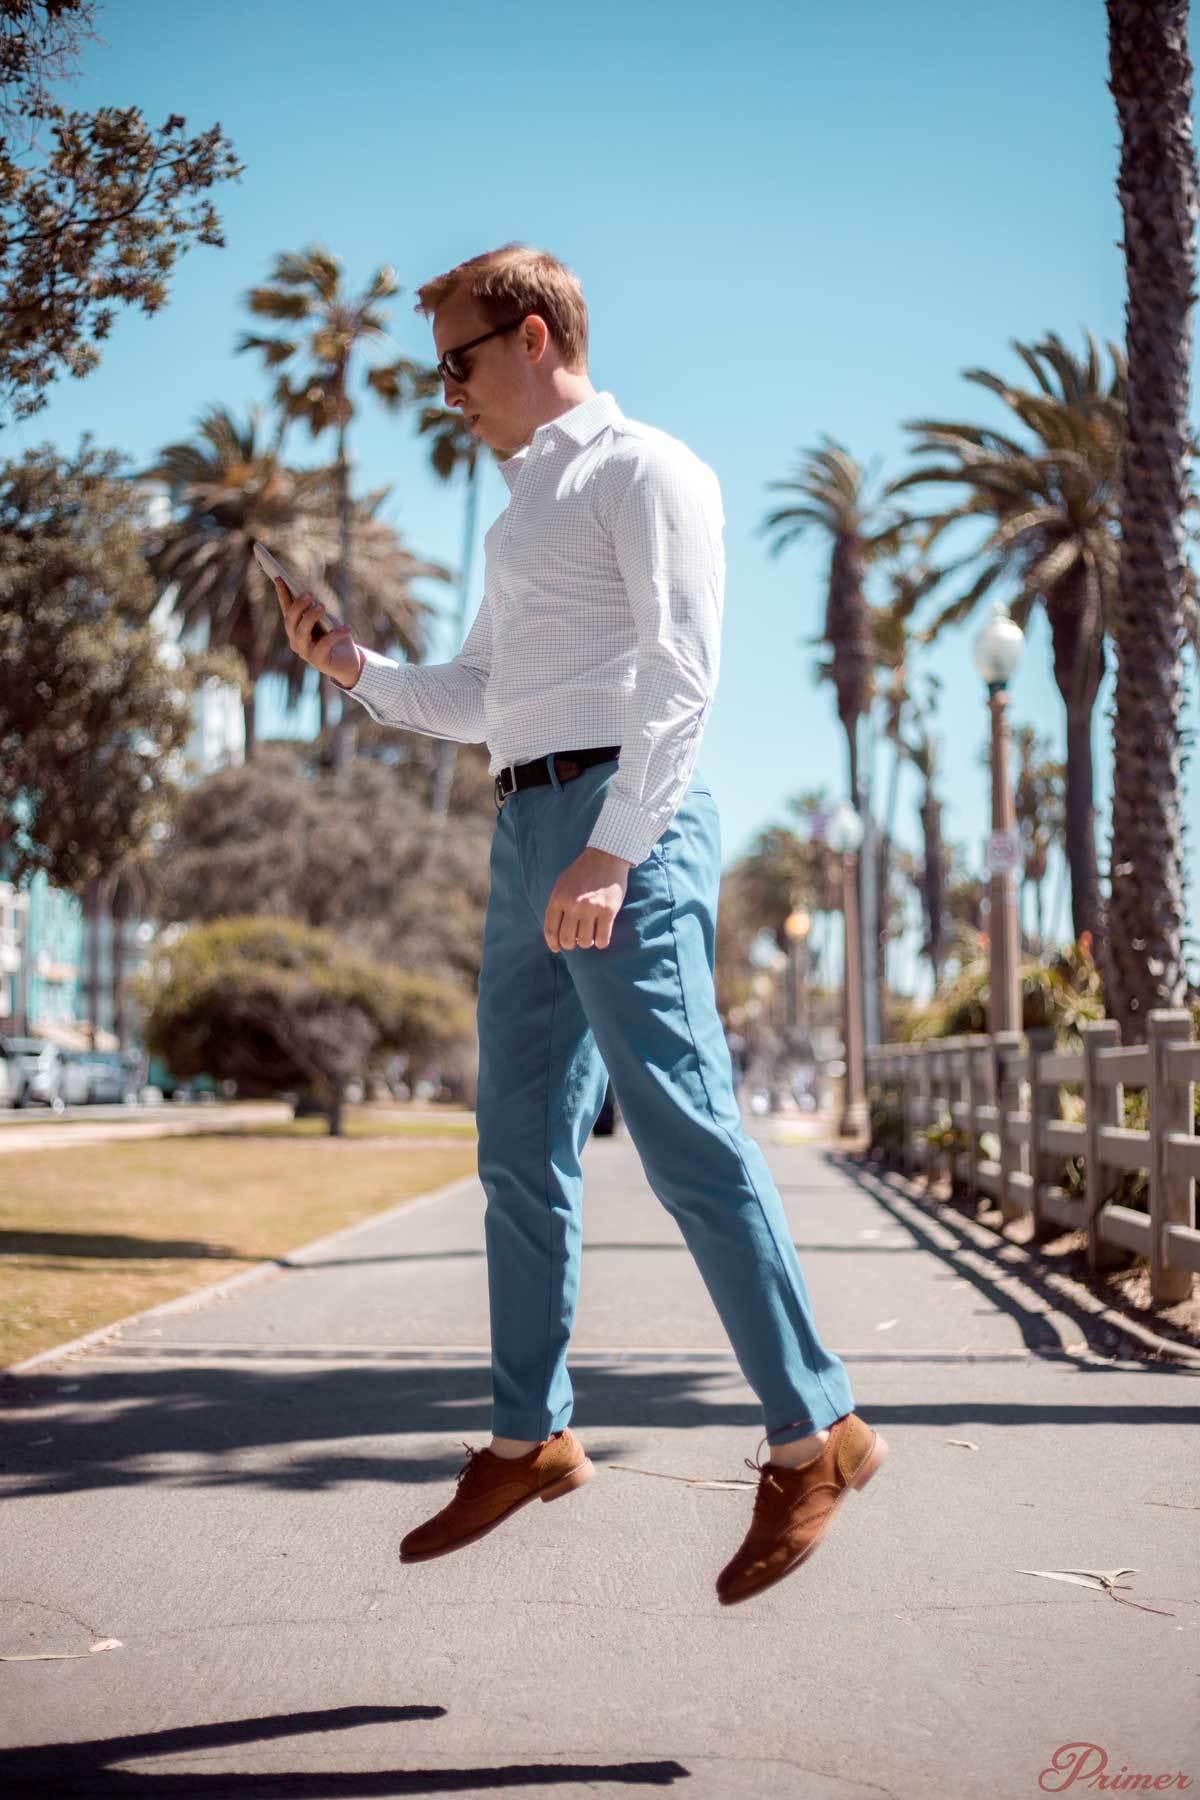 a Cómo larga chino de manga camisa cuadros combinar pantalón celeste zapatos blanca xXTXAqS